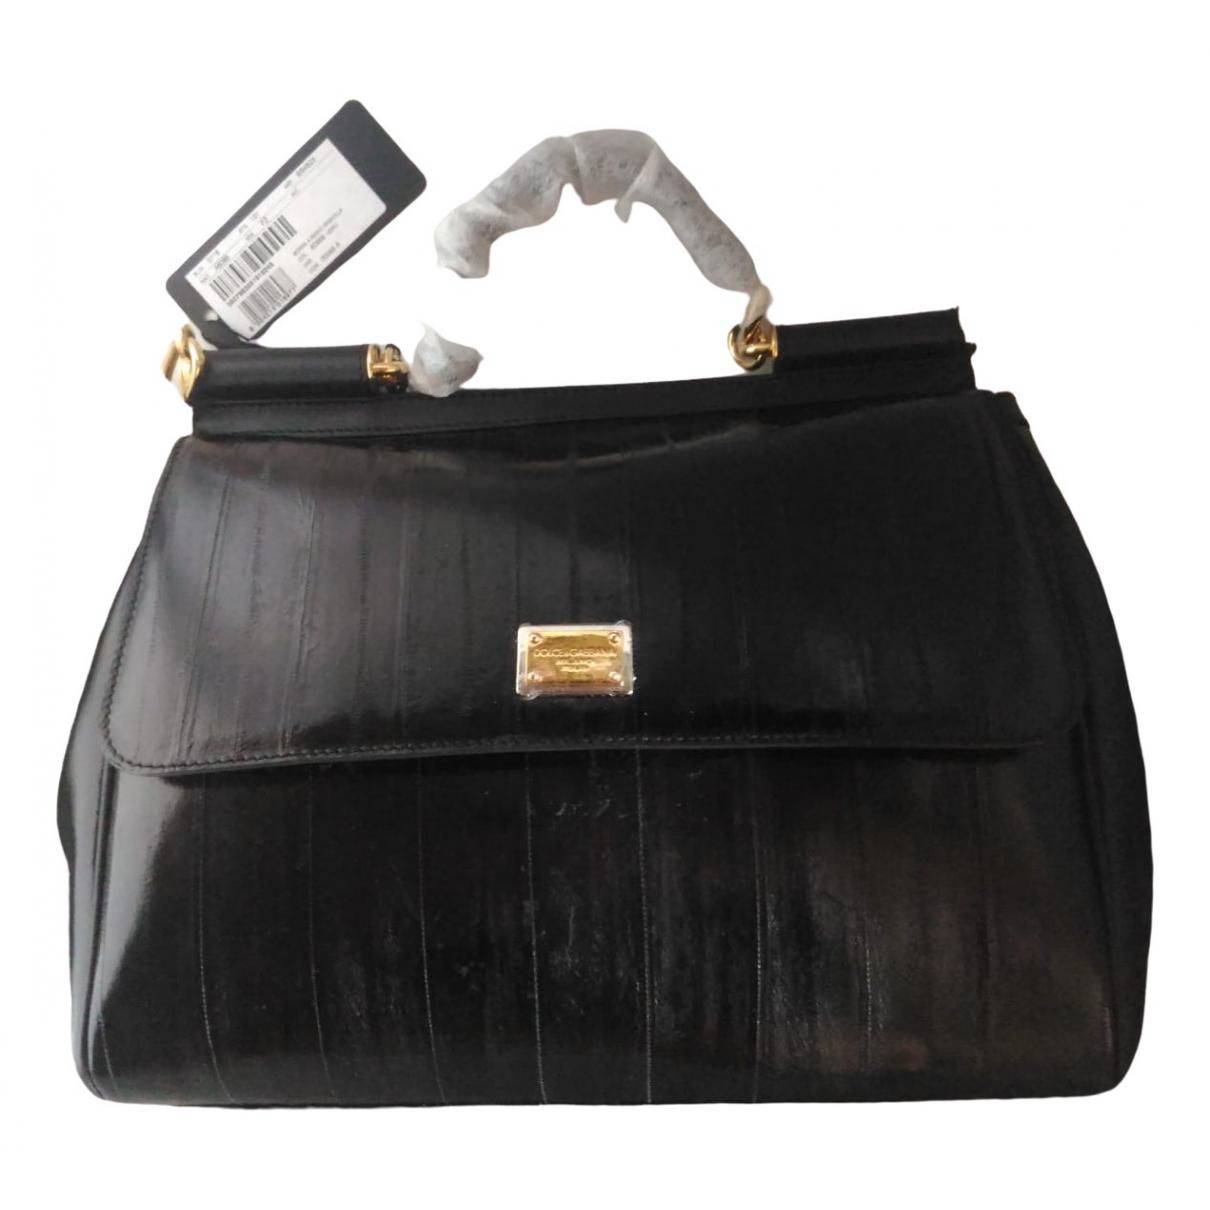 Dolce & Gabbana Sicily Handtasche in  Schwarz Aal